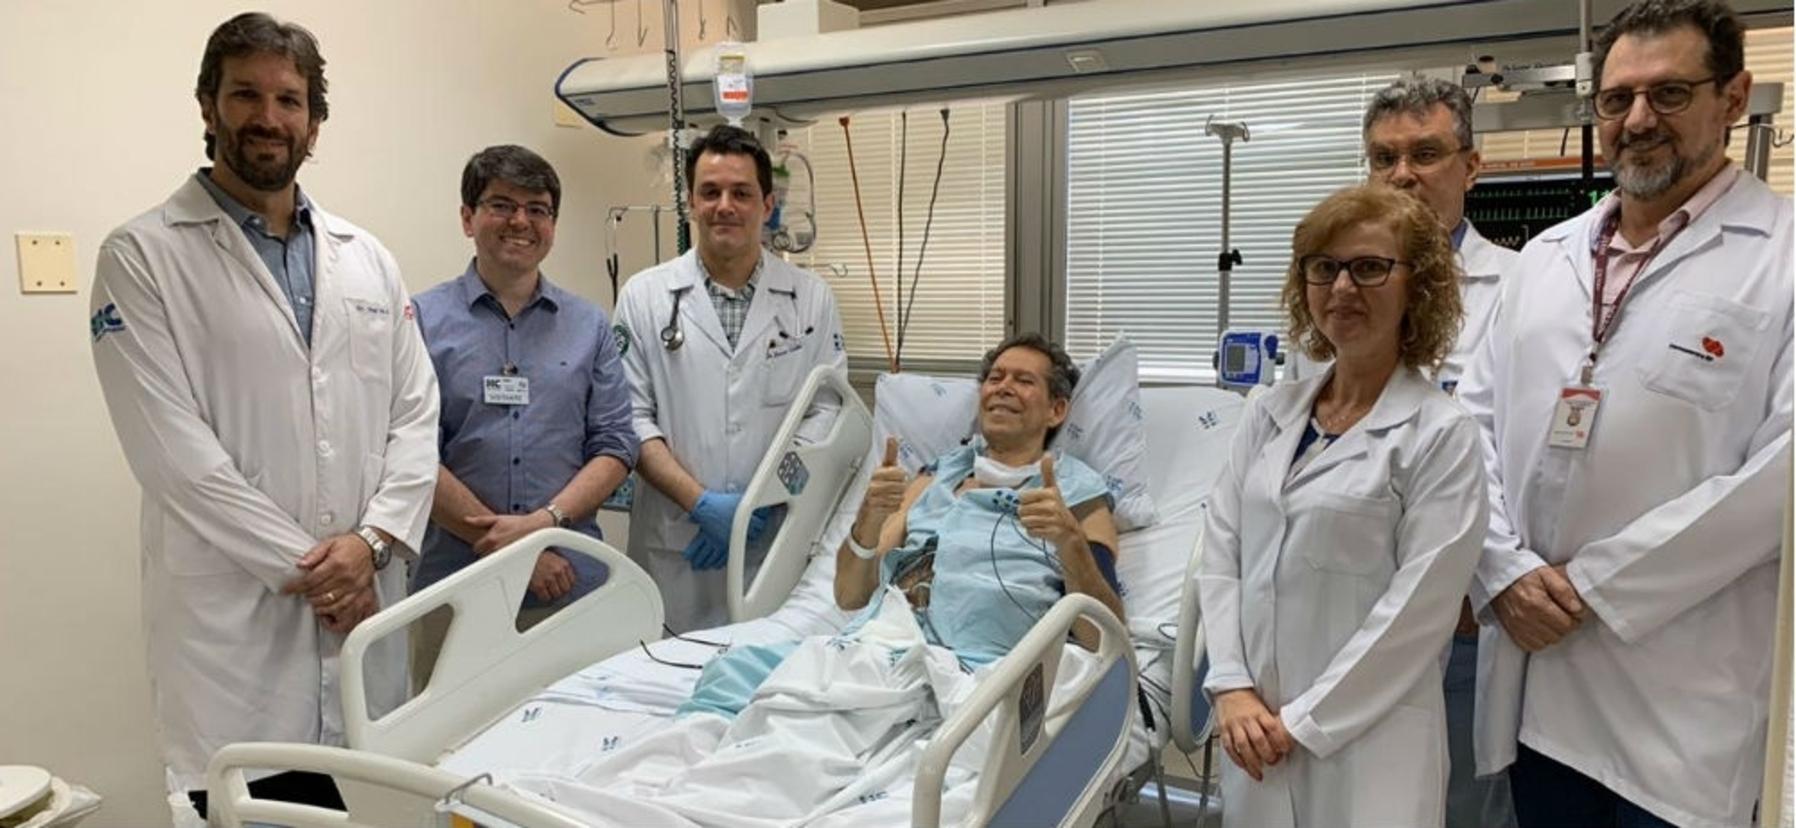 Médicos com o paciente Vamberto de Castro, submetido a procedimento inédito (Divulgação/Agência Fapesp)